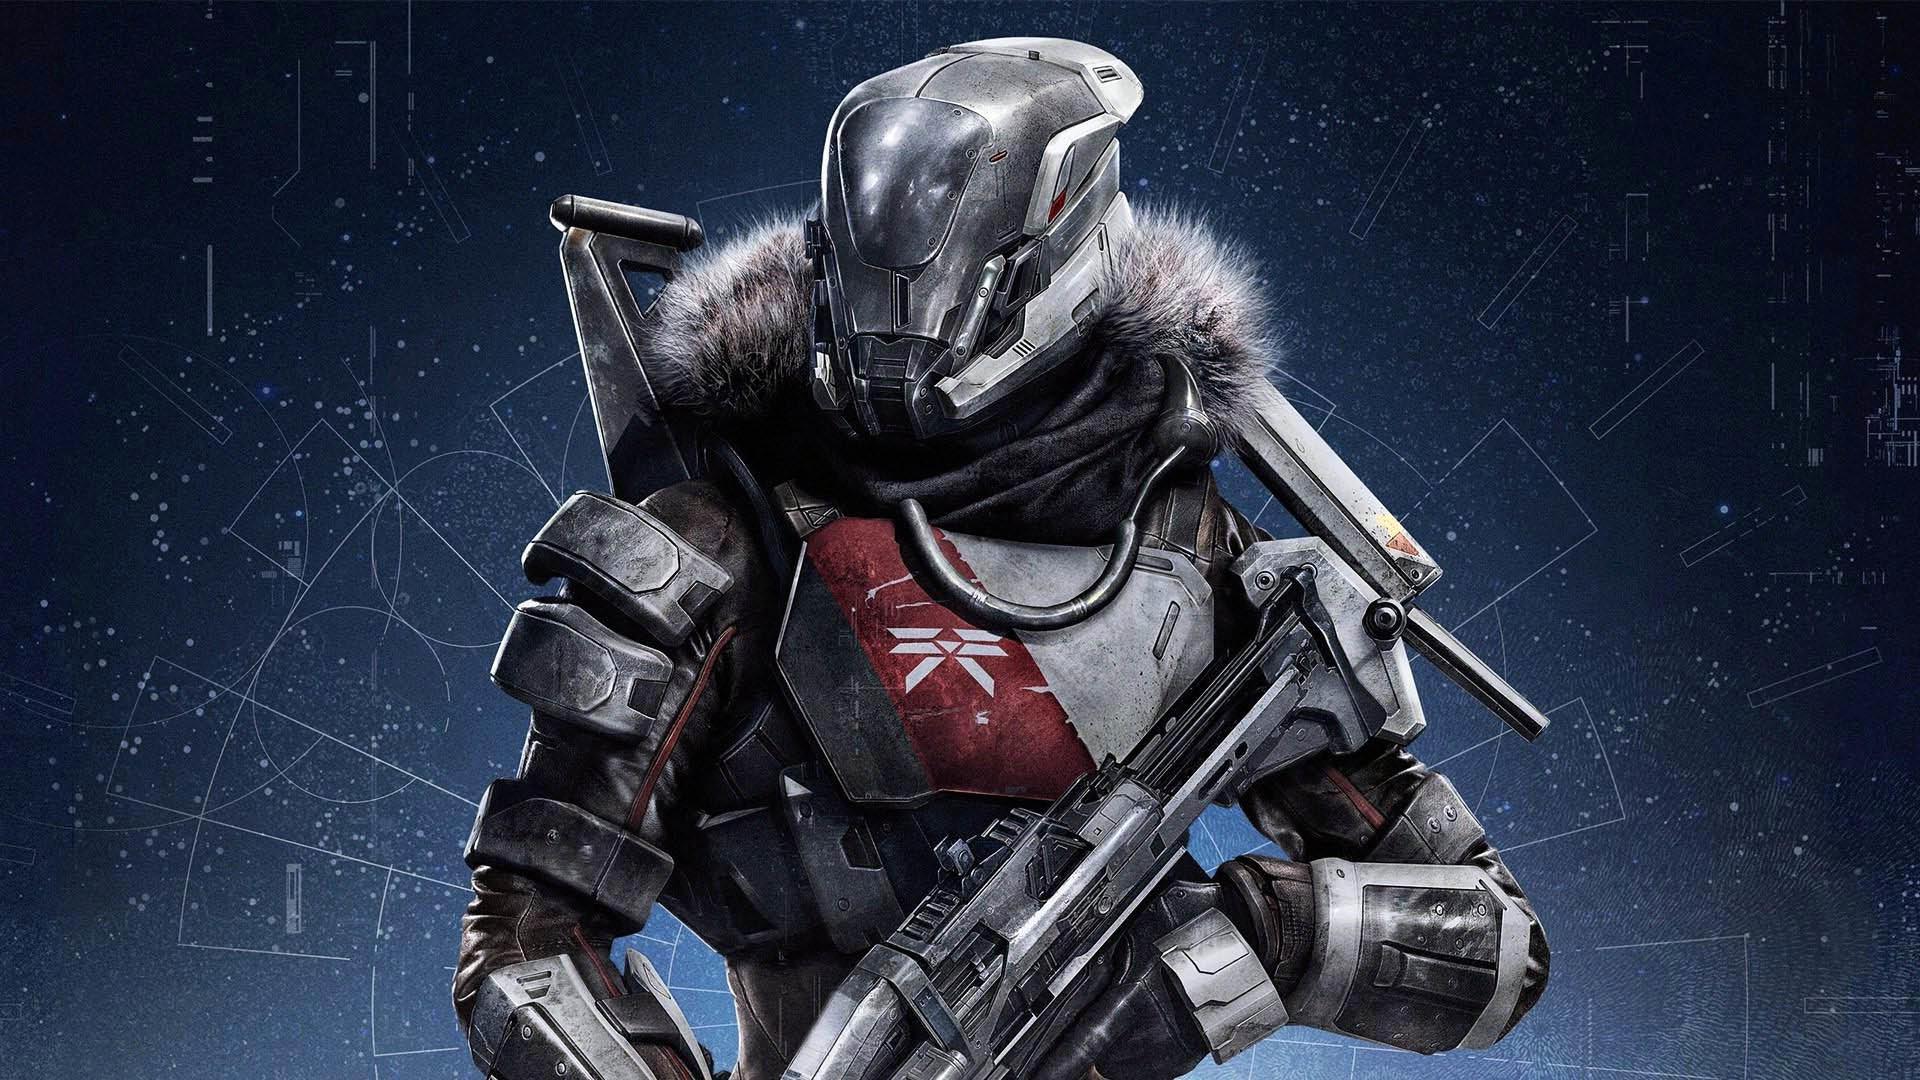 Destiny Titan Artwork wallpaper